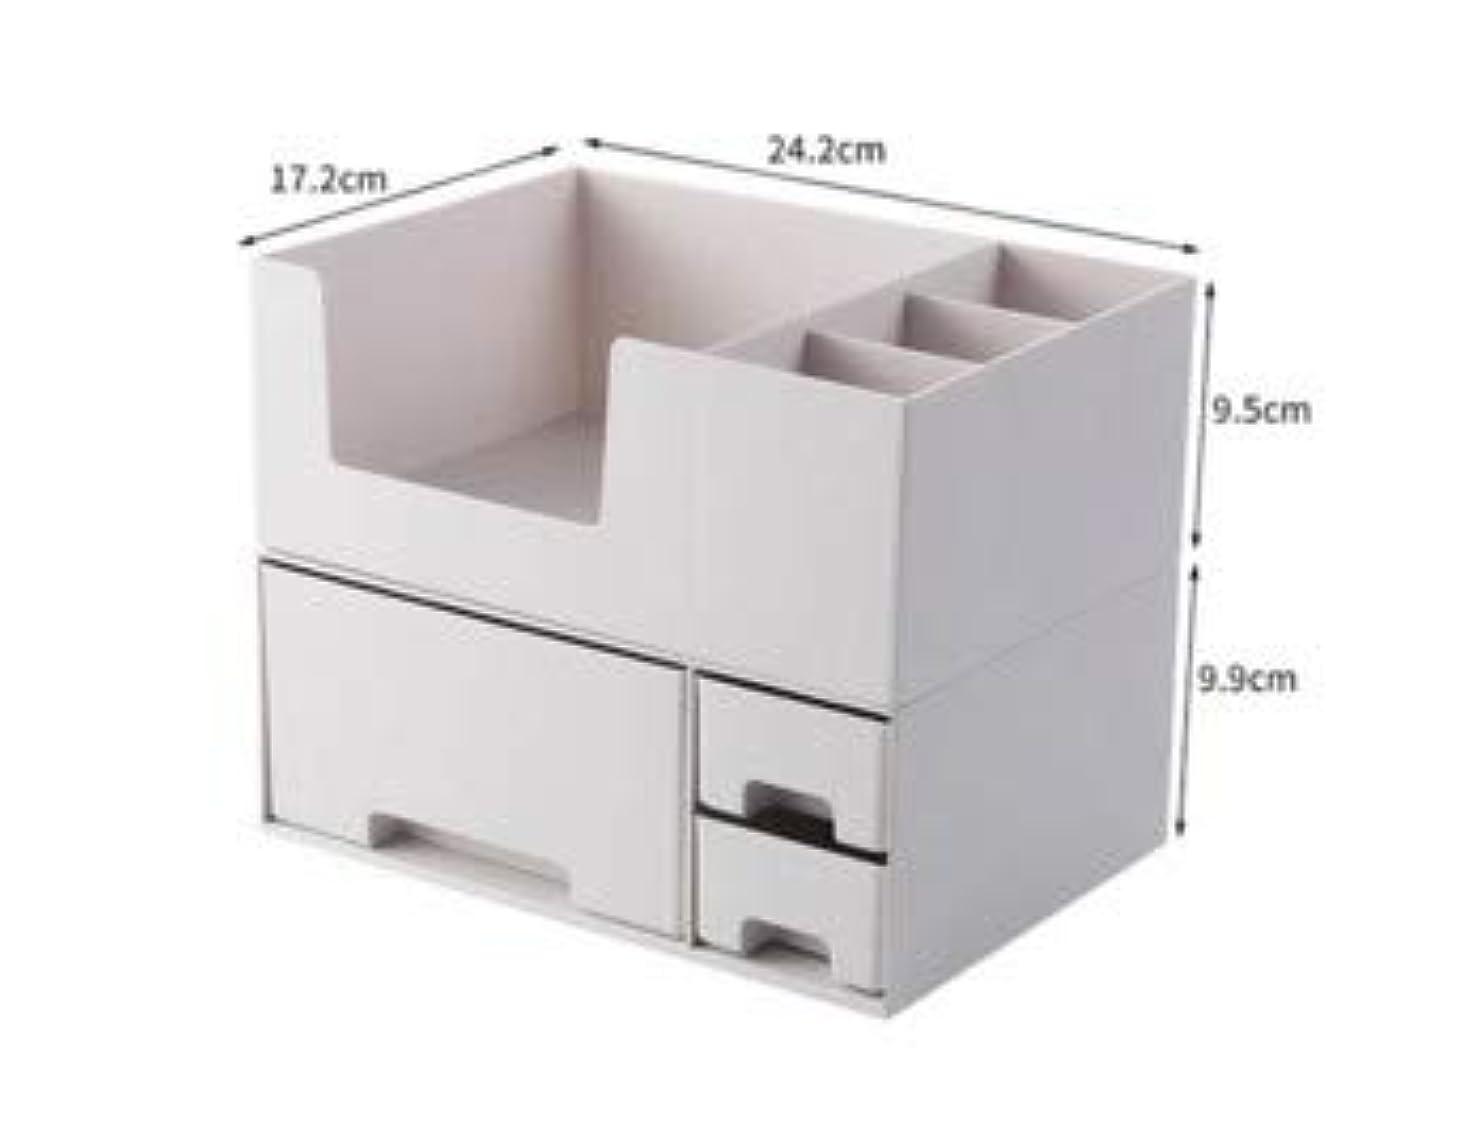 オーディションホールド支払う化粧品収納ボックスプラスチックデスクトップ仕上げボックスマスクスキンケア製品ラック口紅ボックス収納 (Color : ホワイト)